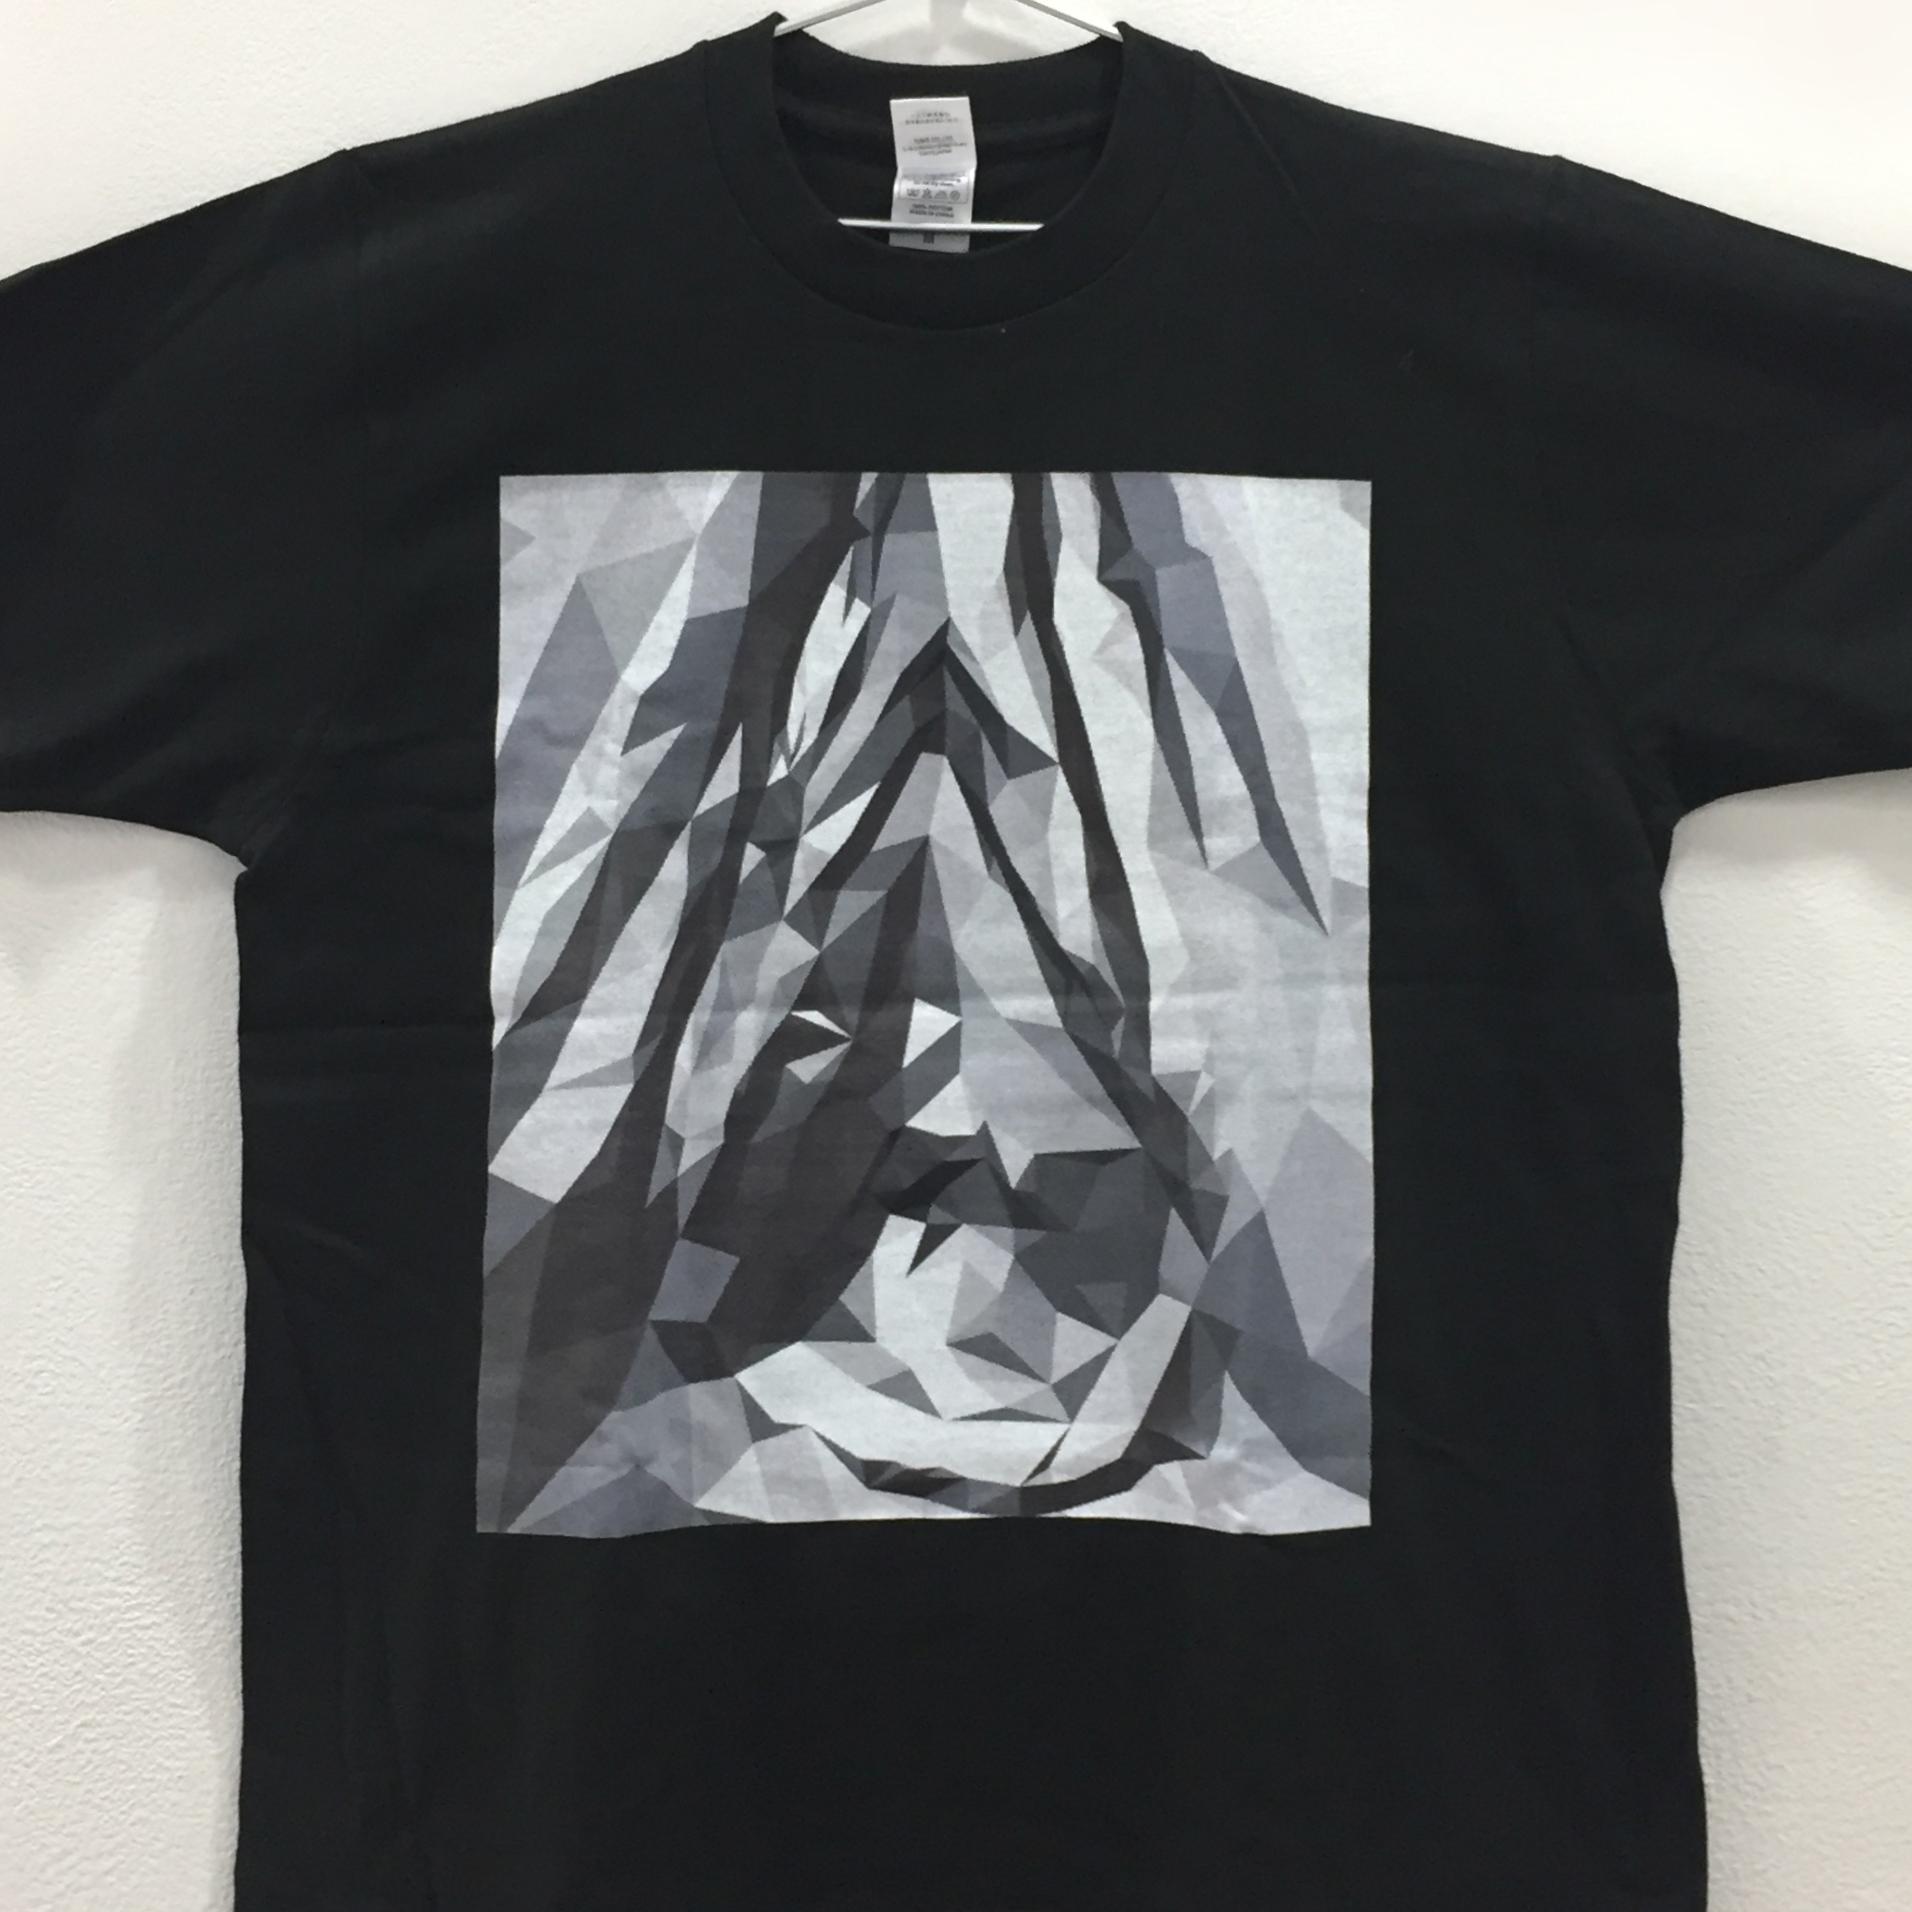 ろくでなし子 / ポリゴンまんこTシャツ